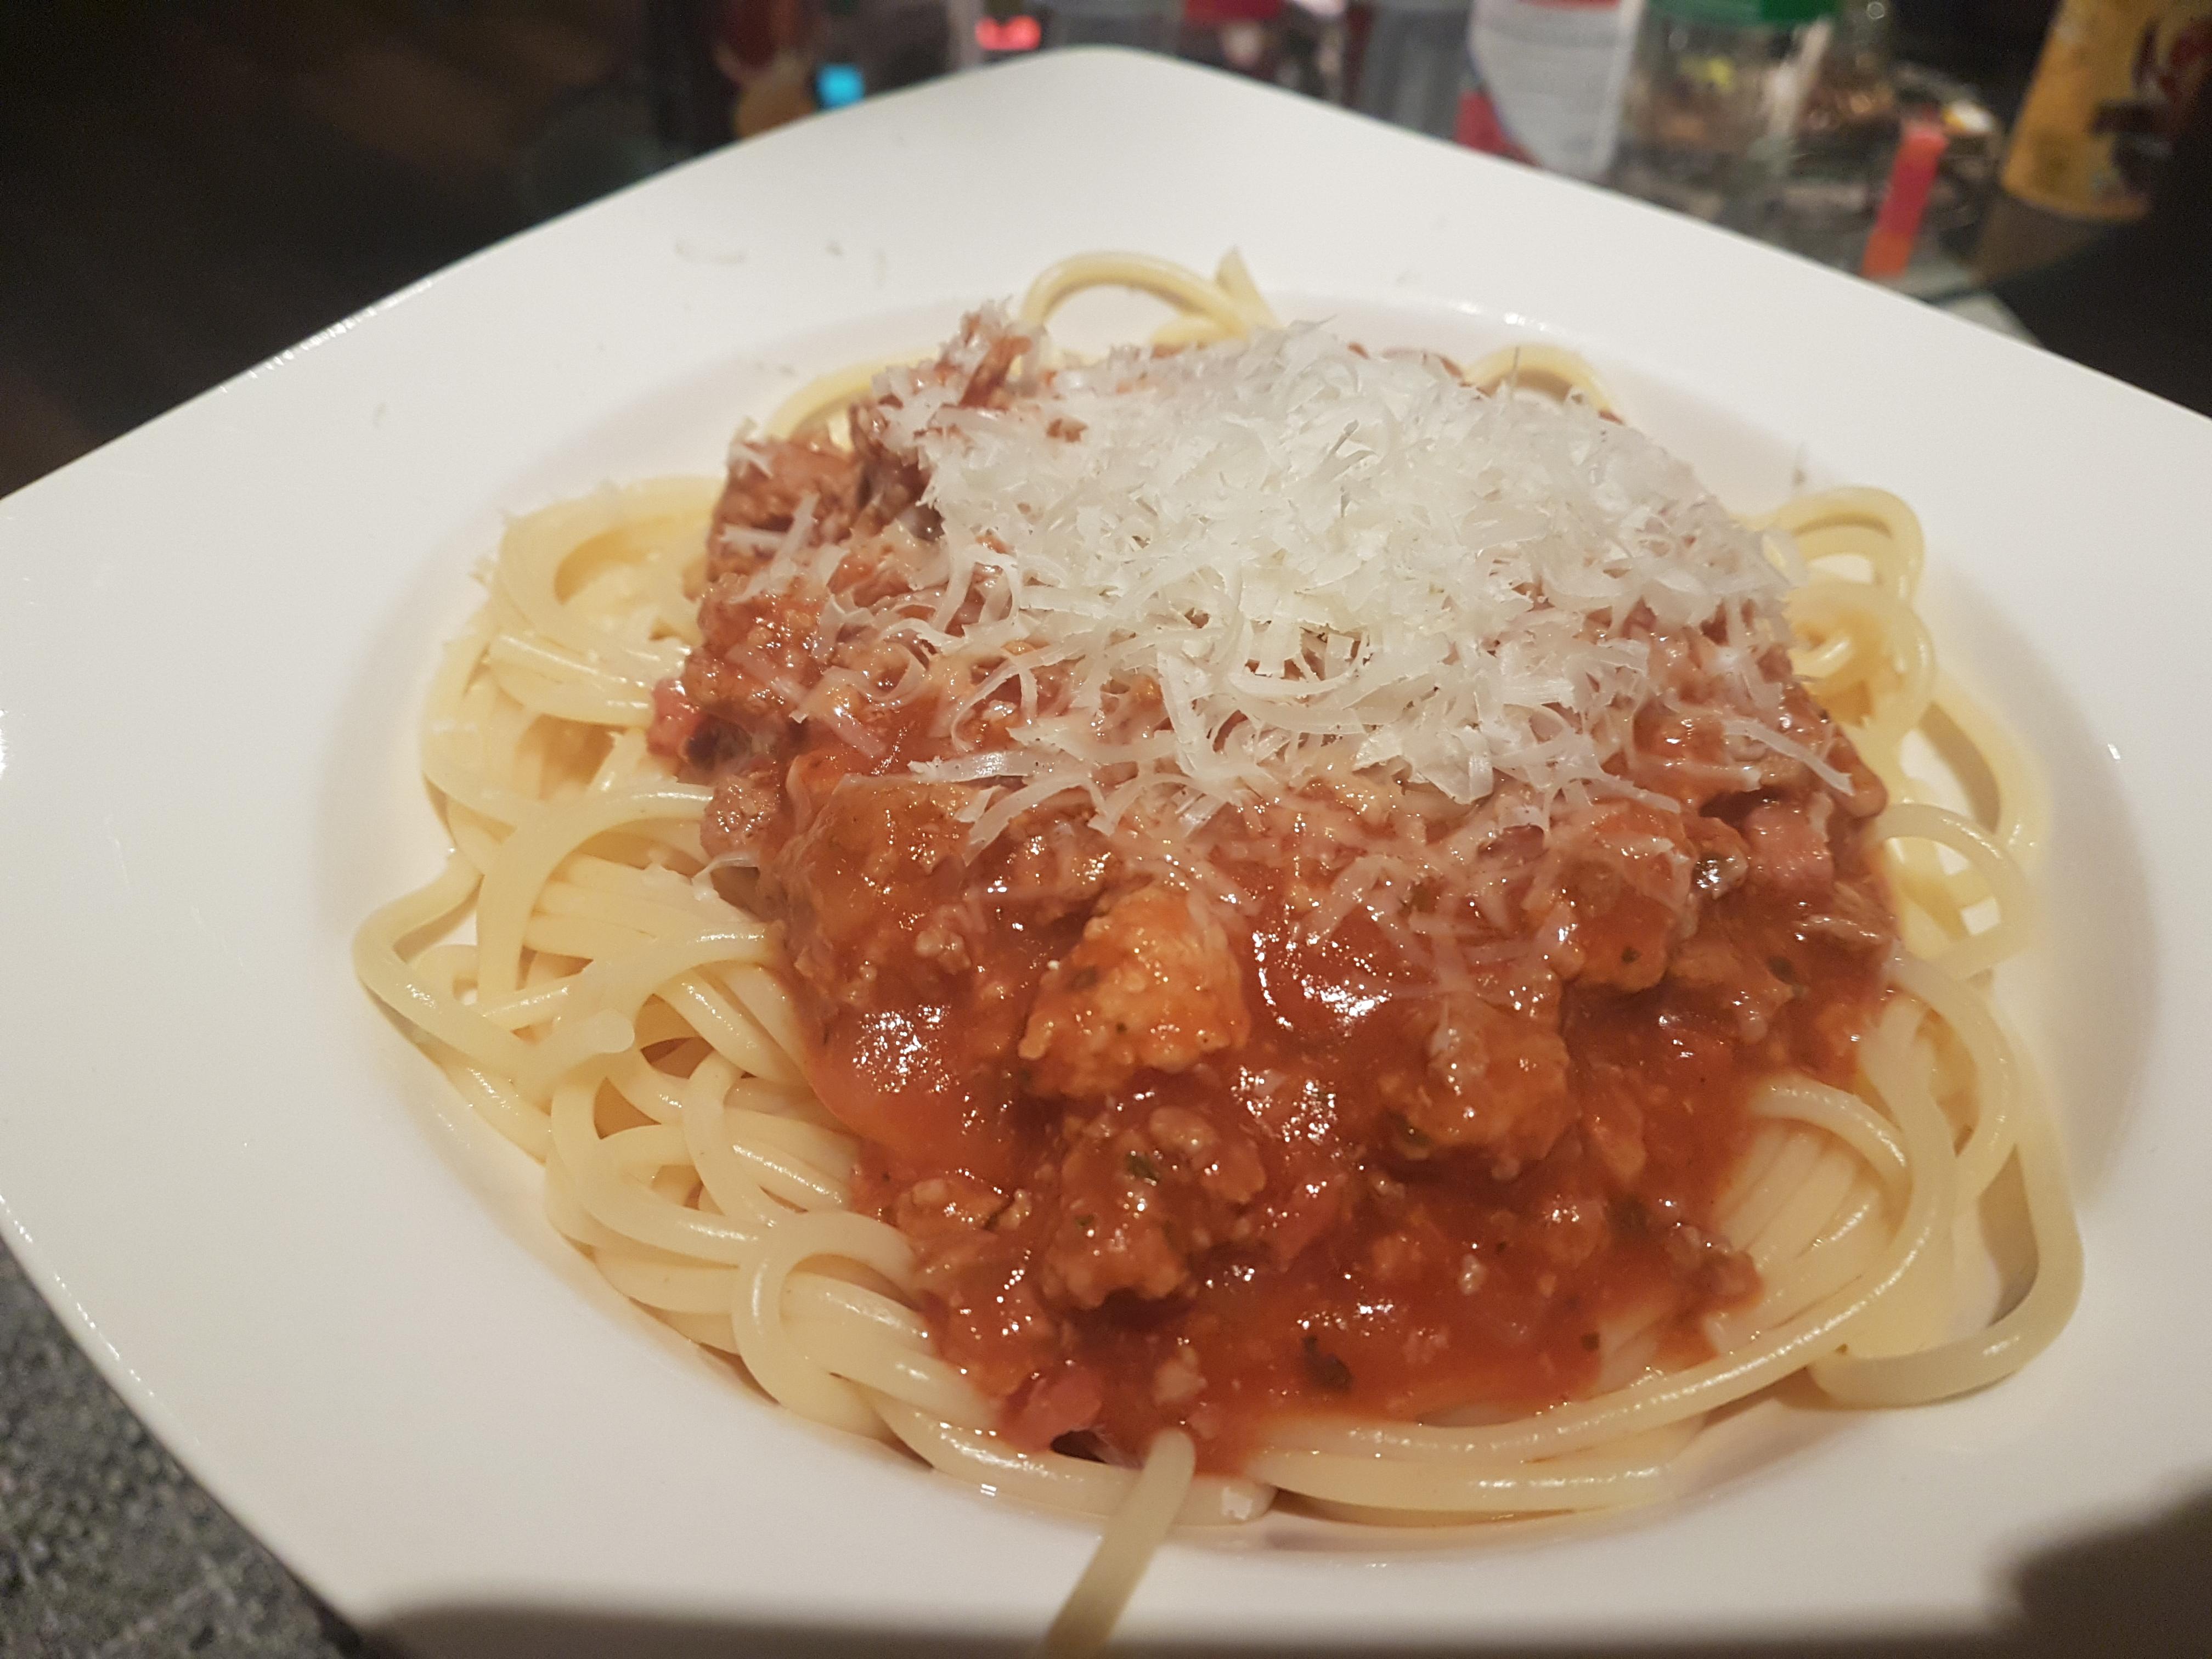 https://foodloader.net/Holz_2017-12-30_Spaghetti.jpg